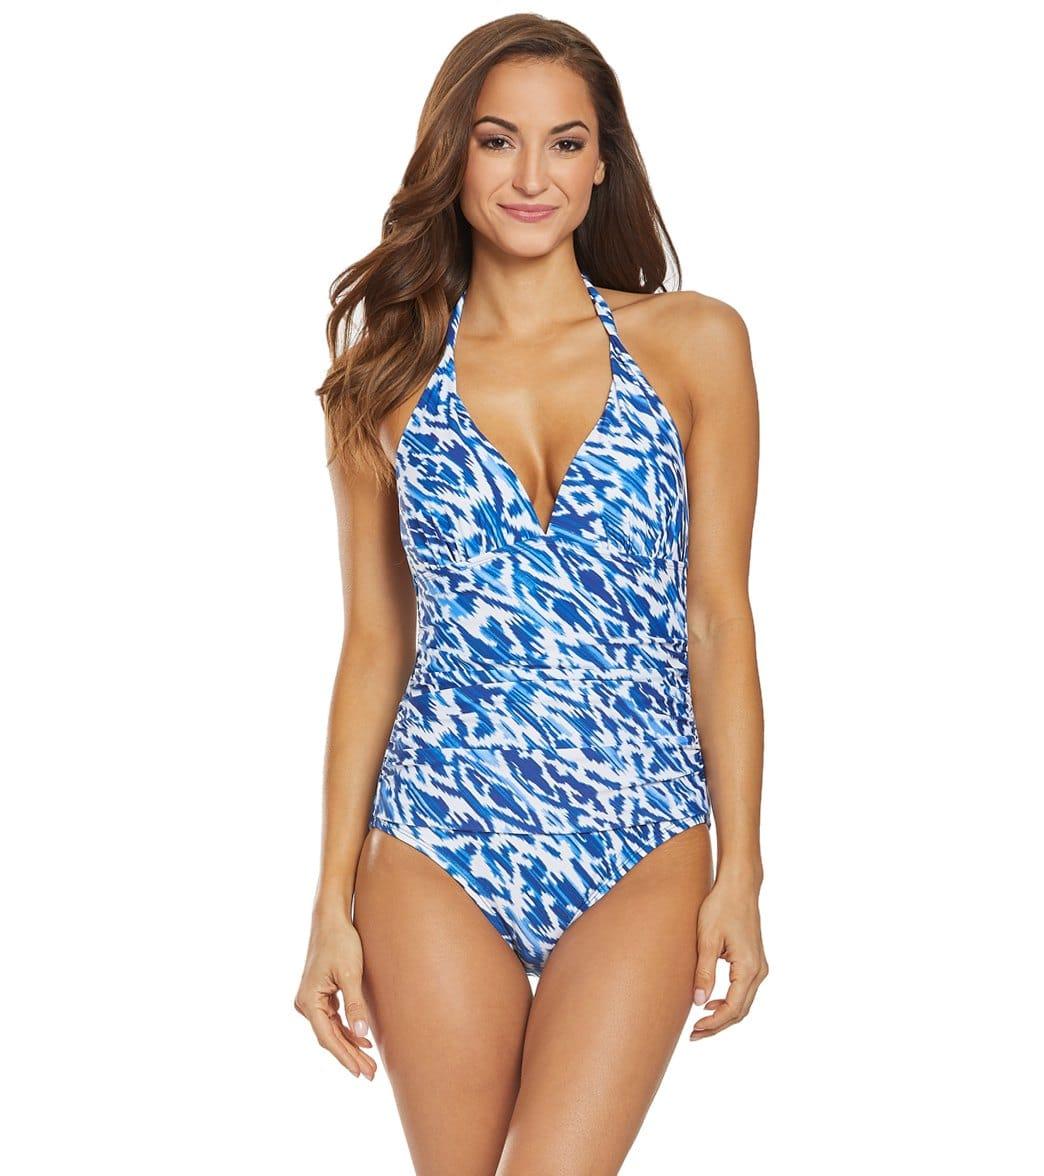 08dc81836d Ralph Lauren Chaps Slimming Fit Batik Ikat Halter One Piece Swimsuit at  SwimOutlet.com - Free Shipping